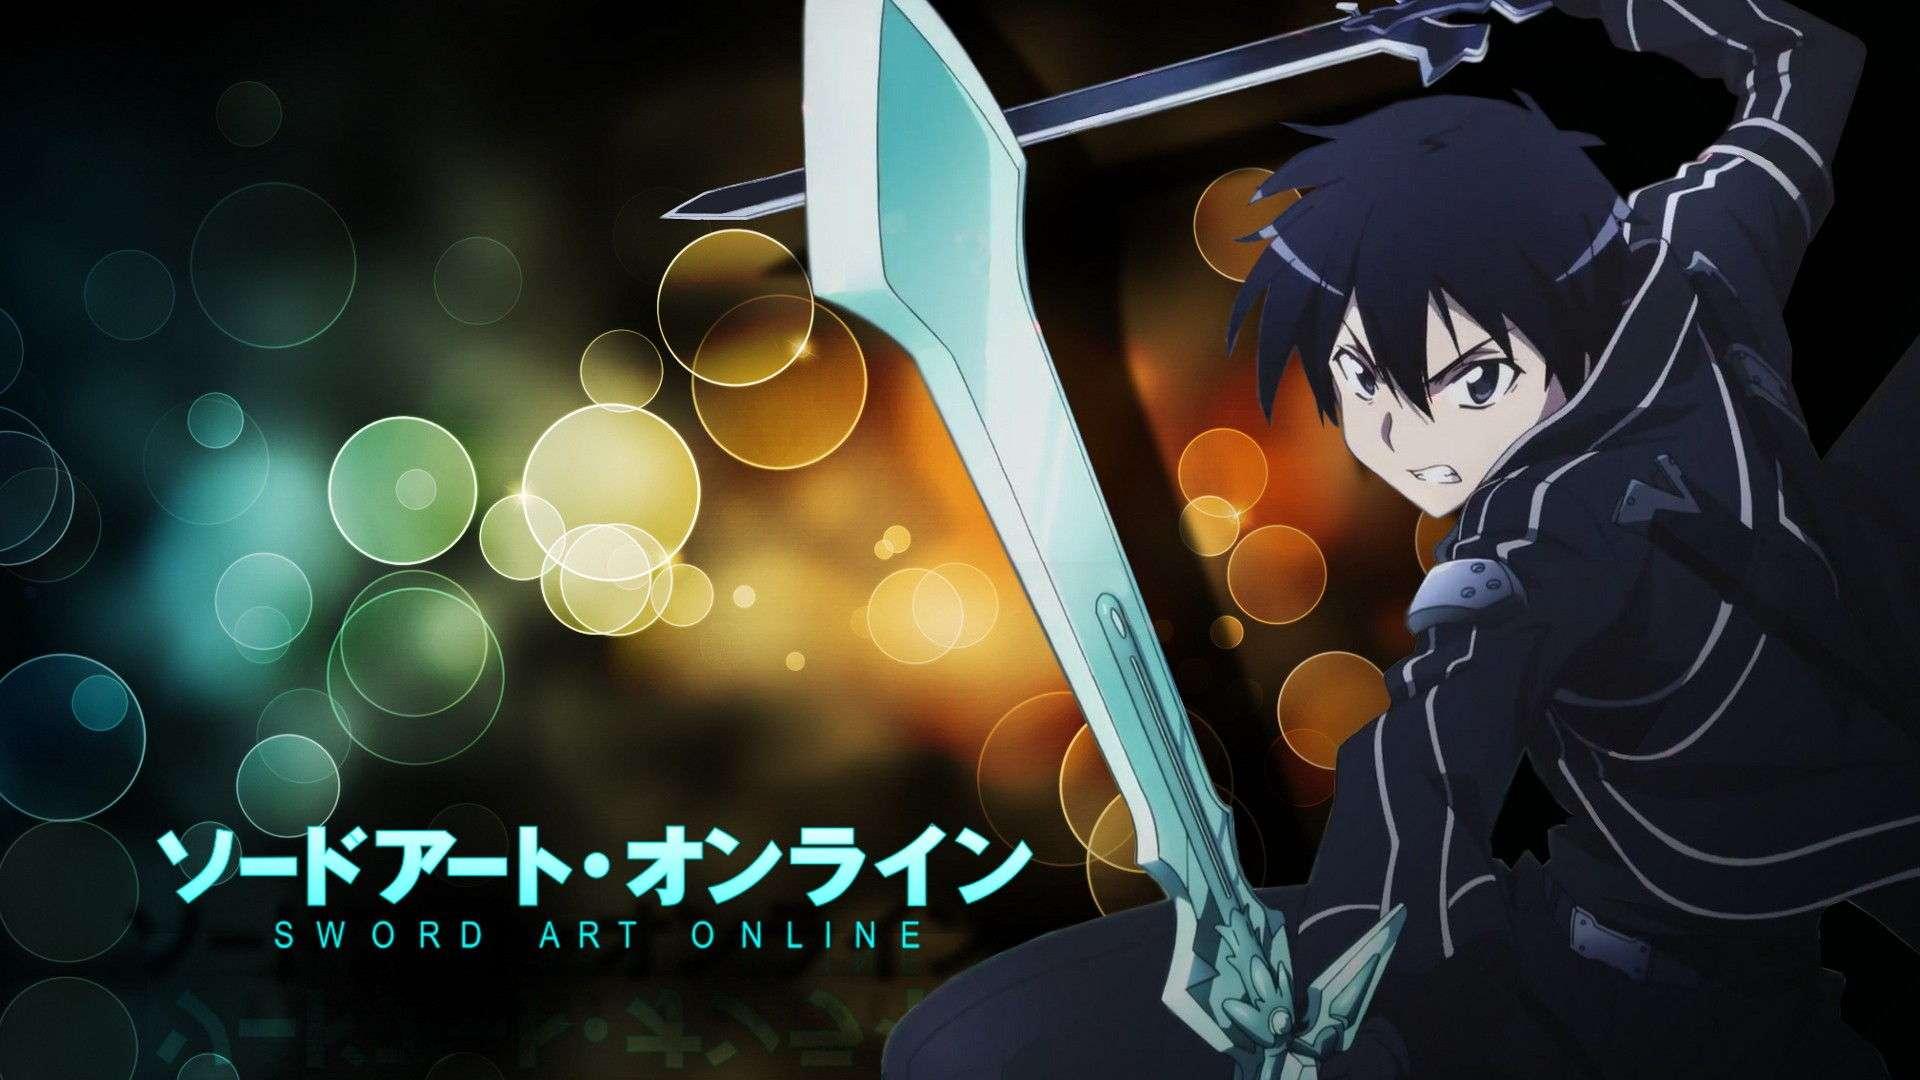 Sword Art Online Anime Wallpaper 025